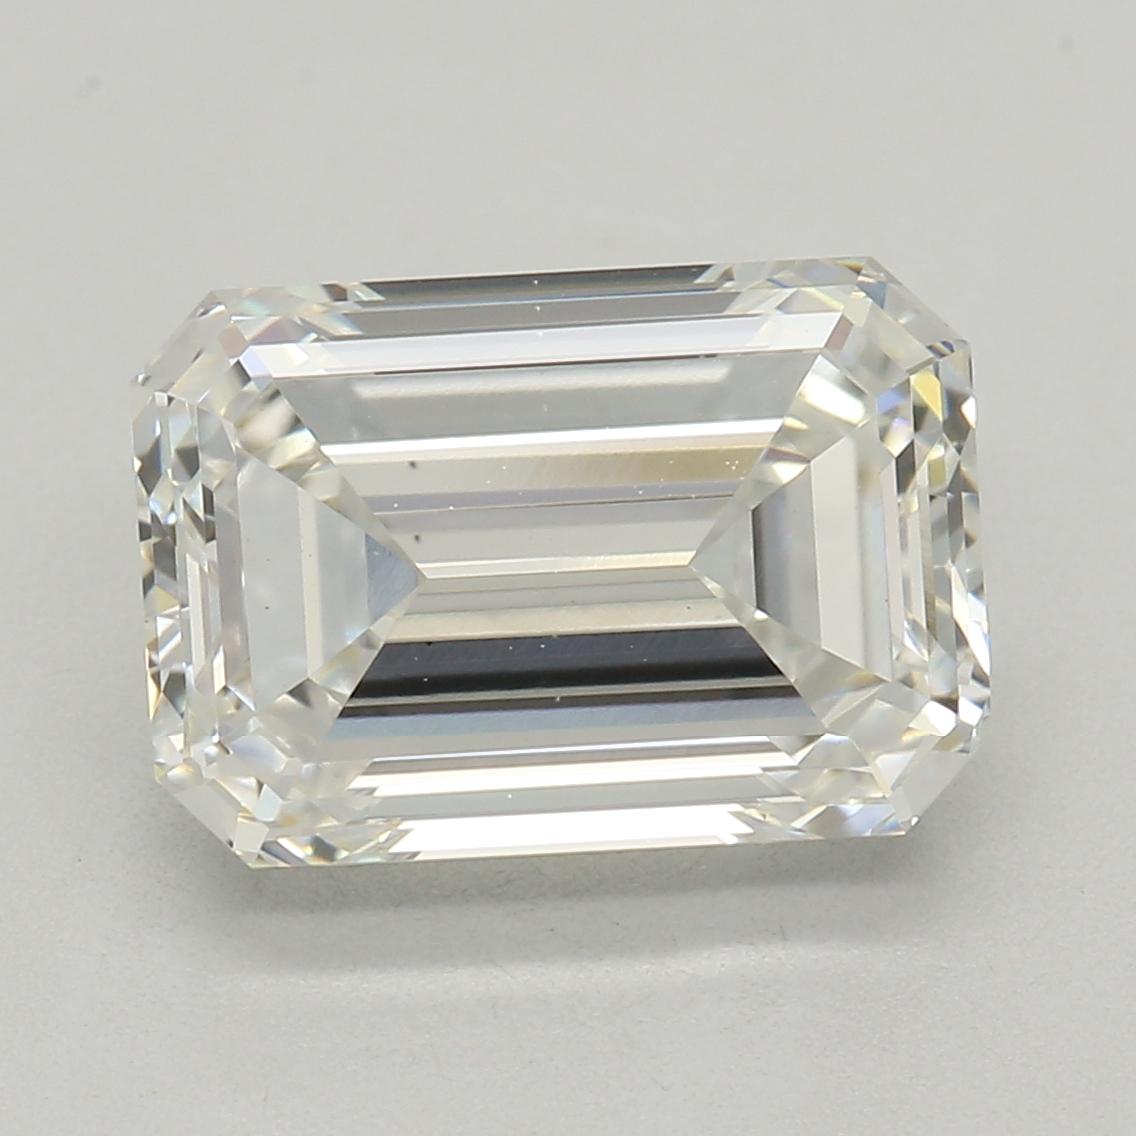 Emerald Cut 2.12 Carat I Color Vs2 Clarity Sku Lg5880040